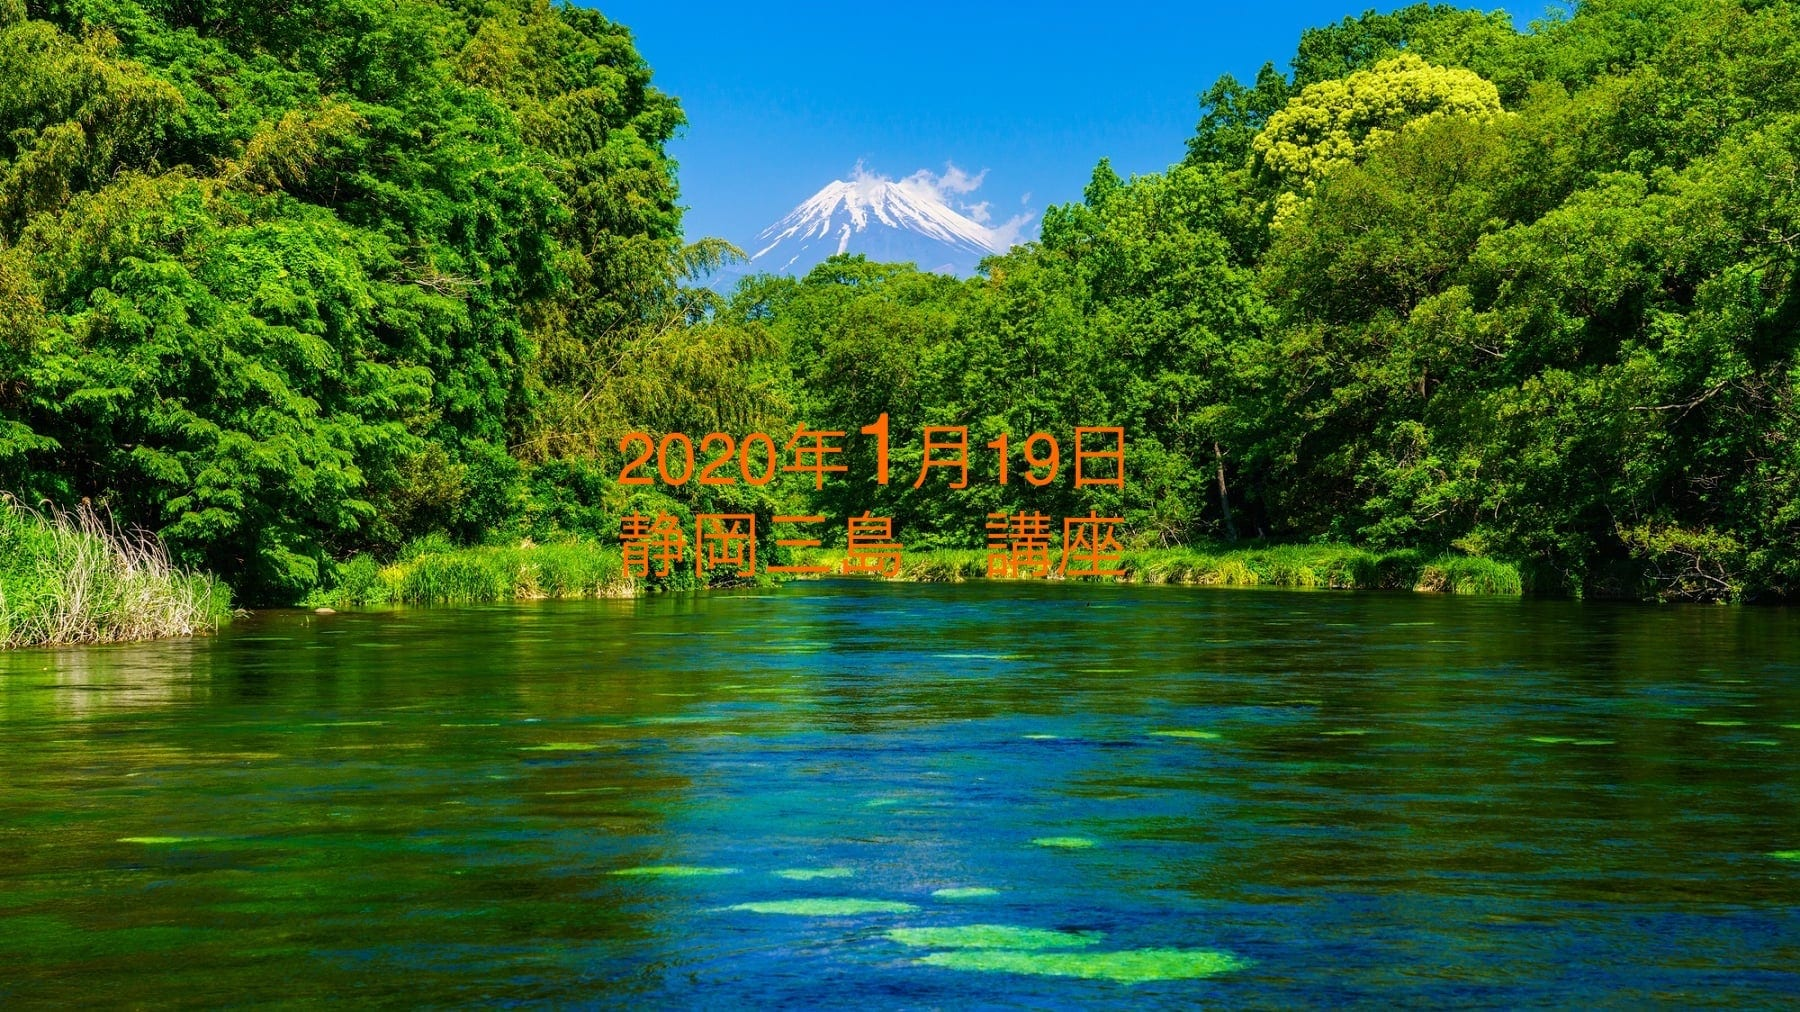 三島1月19日 吉方講座 のイメージその1